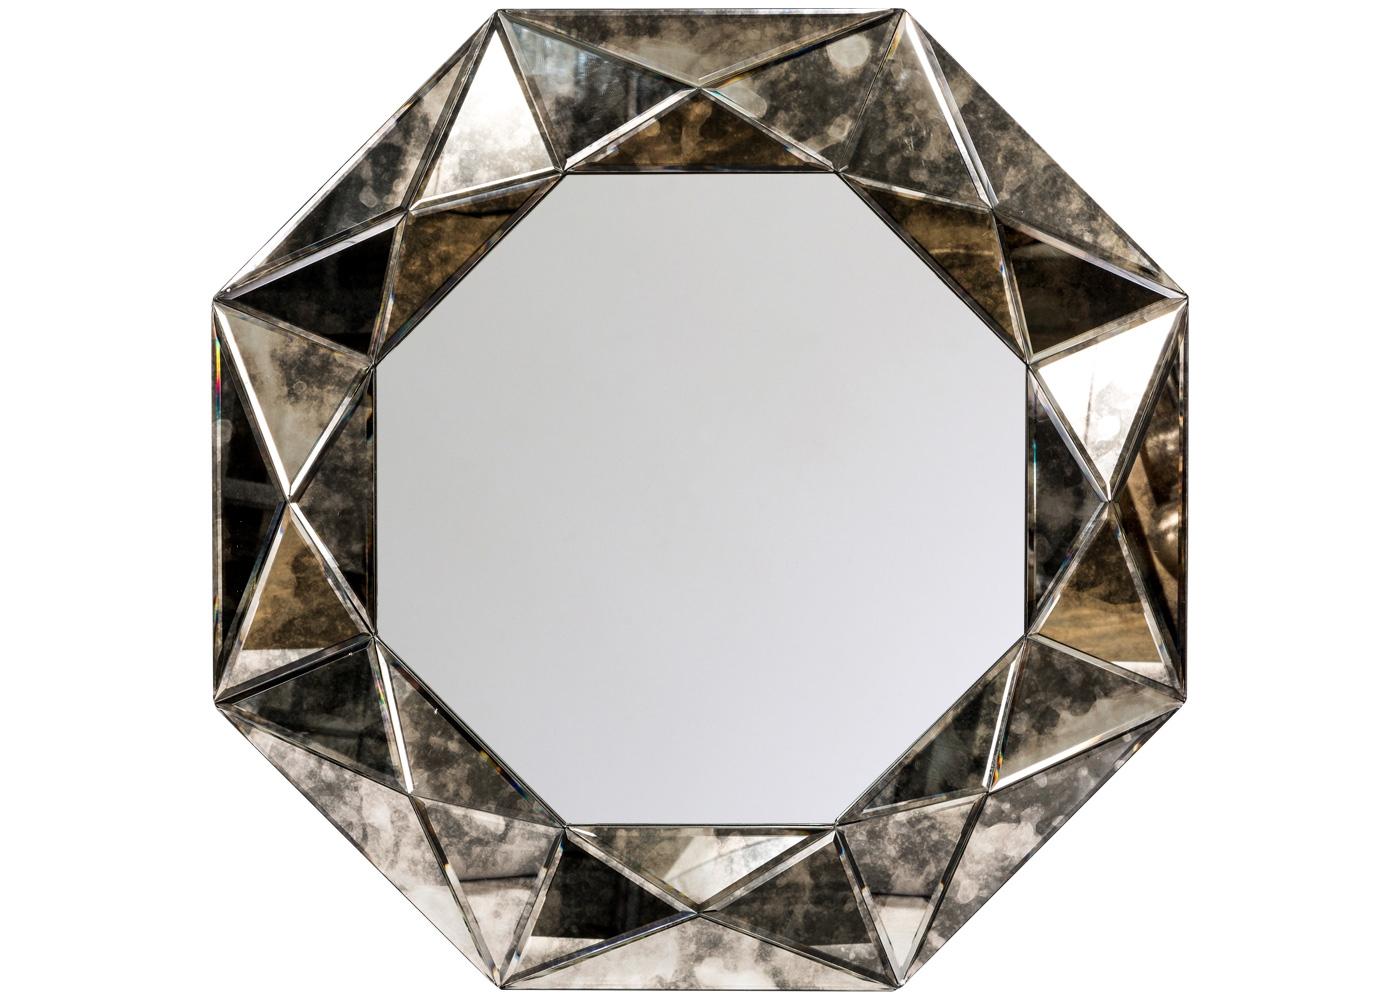 Настенное зеркало «Шелдон»Настенные зеркала<br>Помимо многогранной дизайнерской фантазии, зеркало &amp;quot;Шелдон&amp;quot; заряжено добрым древним символизмом: восьмиугольник (октаэдр) означает равновесие и порядок. Впрочем, это относится и к его визуальным свойствам. В эпосе октаэдр чтится путеводной звездой и знаком Вечности, в геральдике - символом славы и света. Каждая из восьми граней возглавлена пирамидальным рельефом. Глянцевые грани и мраморный раскрас красиво реагируют на освещение, придавая интерьеру глубину, объемность и загадочность.<br><br>Material: Стекло